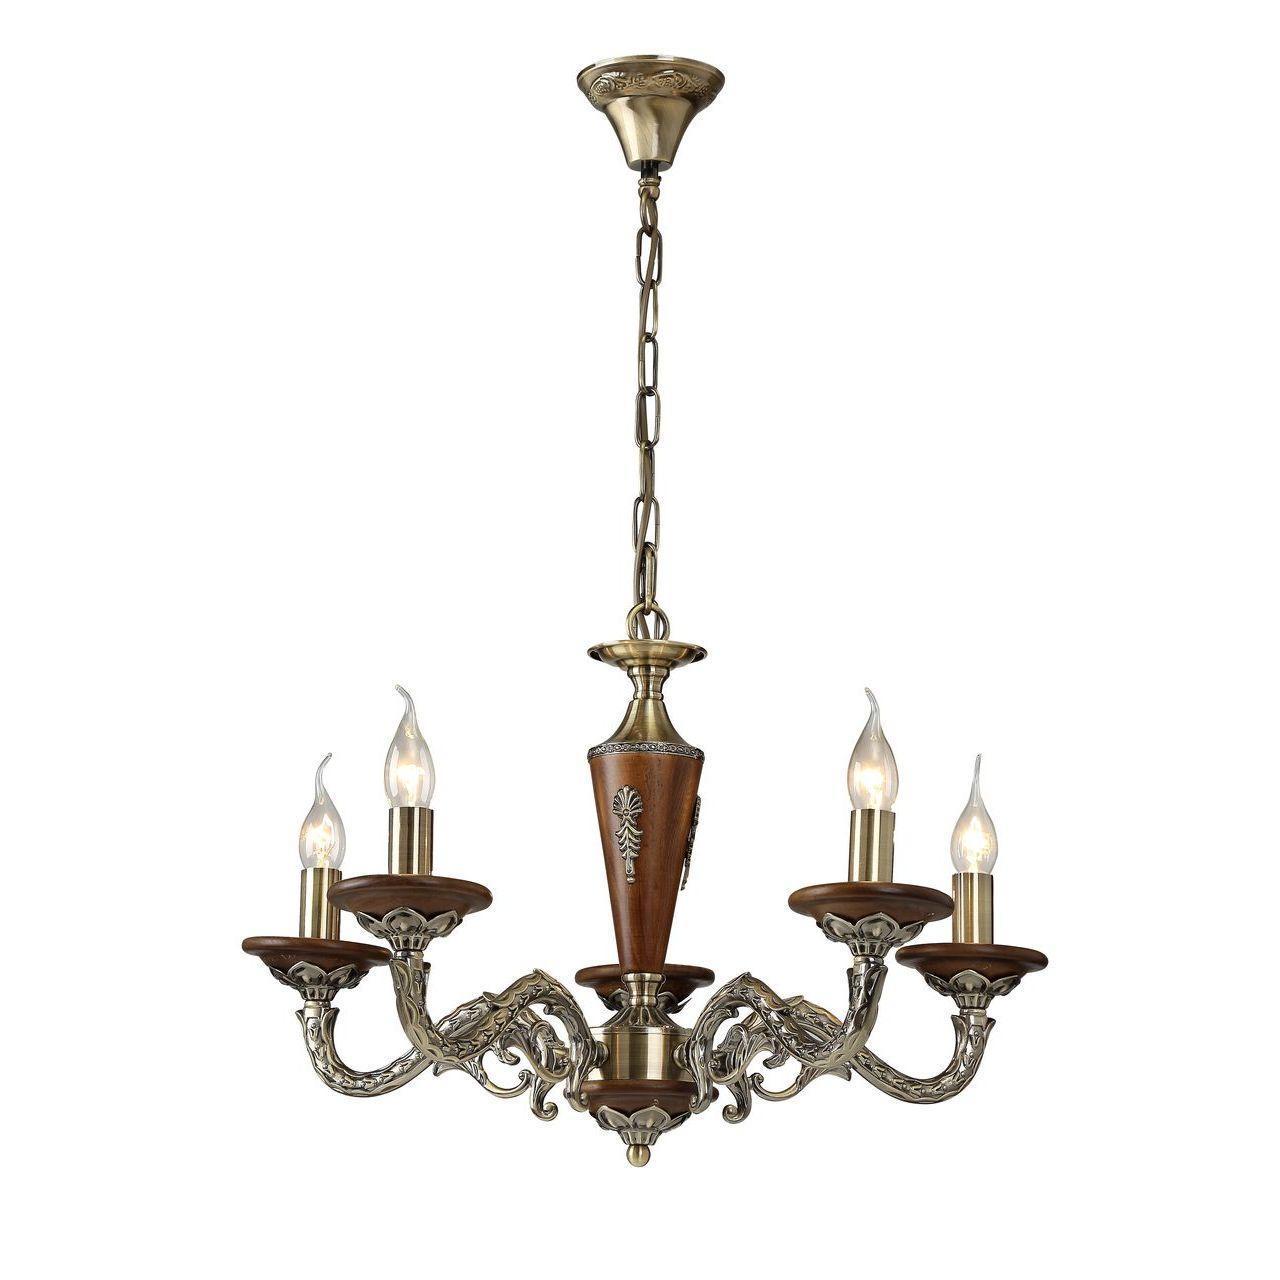 Люстра Arte Lamp Verdi A5603LM-5AB подвесная люстра arte lamp a5603lm 5ab